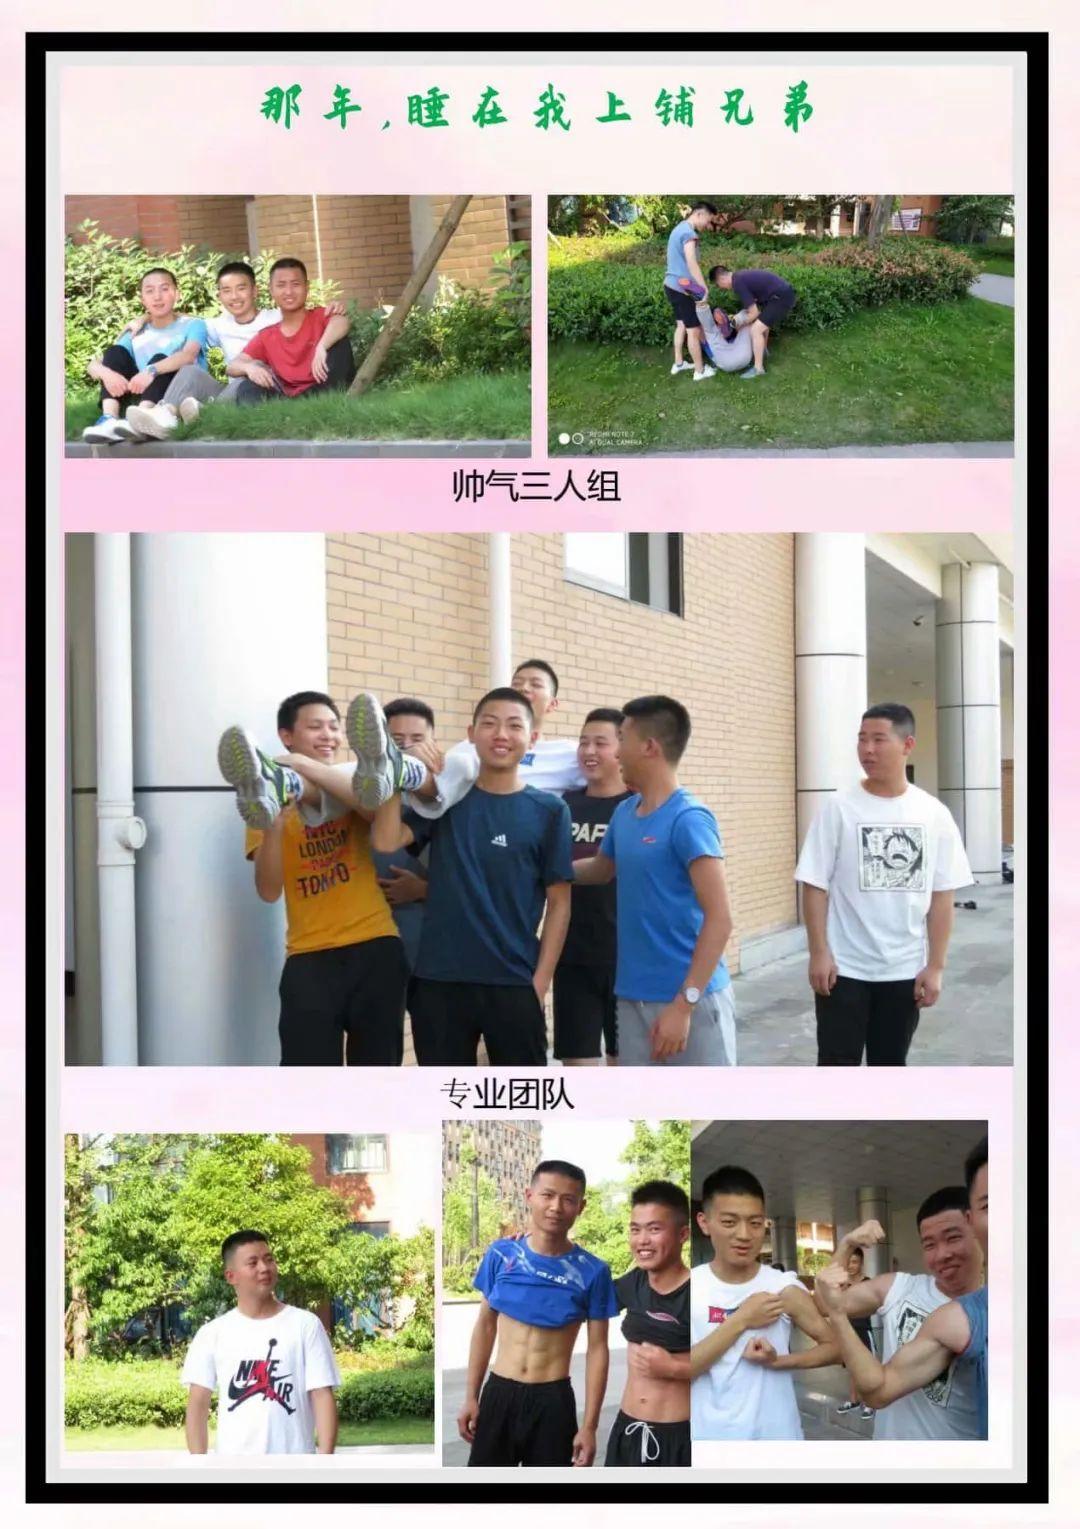 再见,云涛之家—叙永三中17级10班毕业纪念 叙永三中 第26张